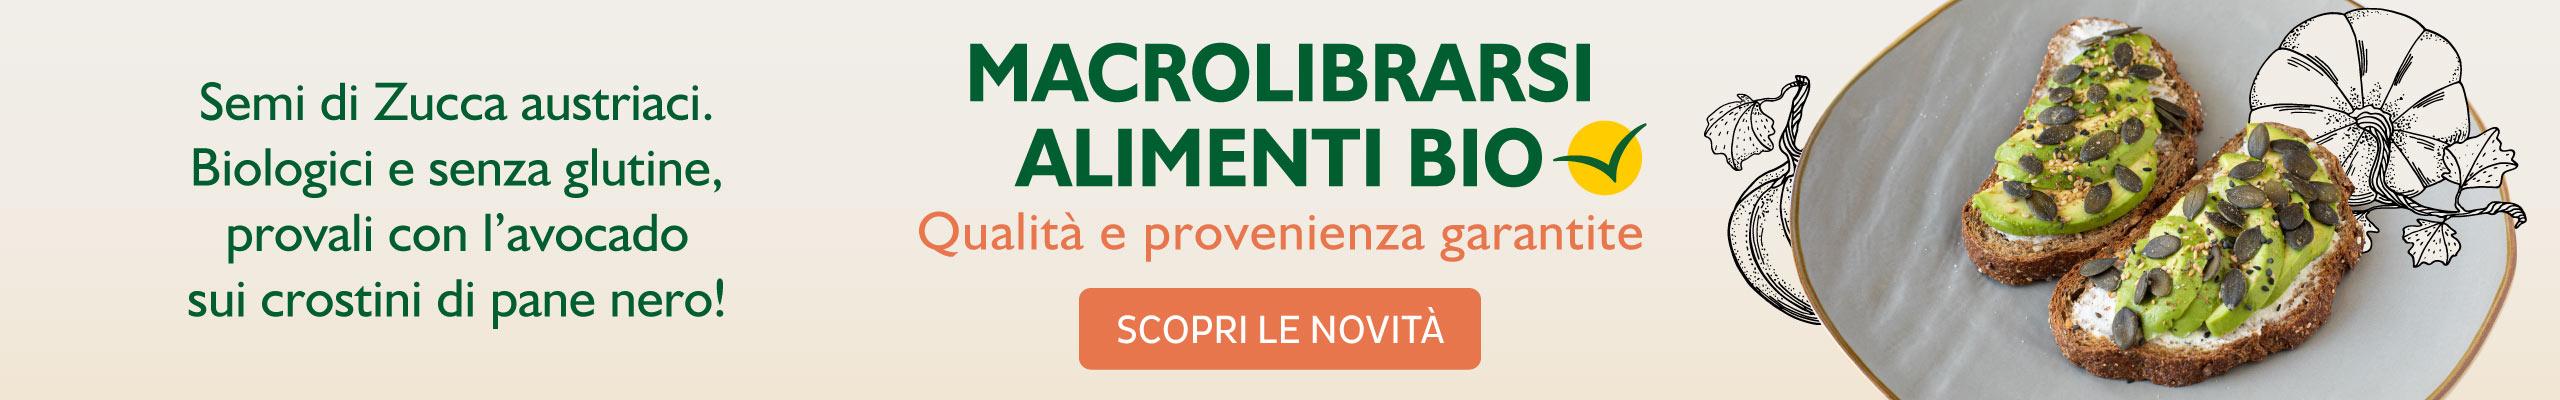 Semi di Zucca - Macrolibrarsi Alimenti Bio